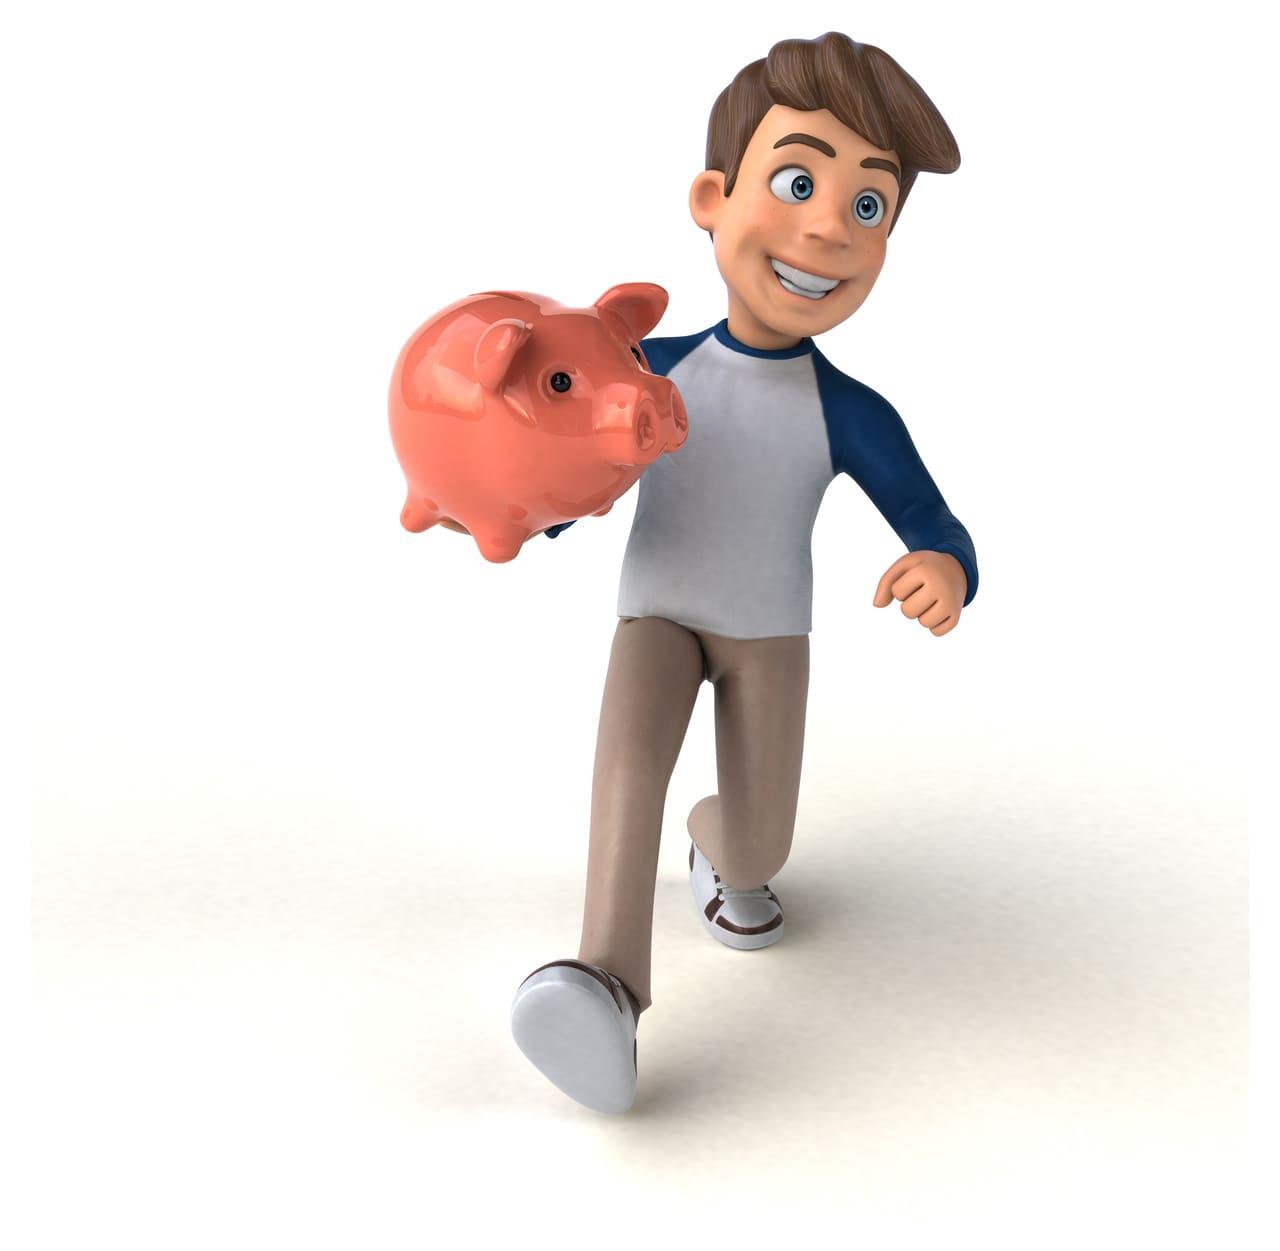 Dlaczego warto założyć konto oszczędnościowe dla dziecka